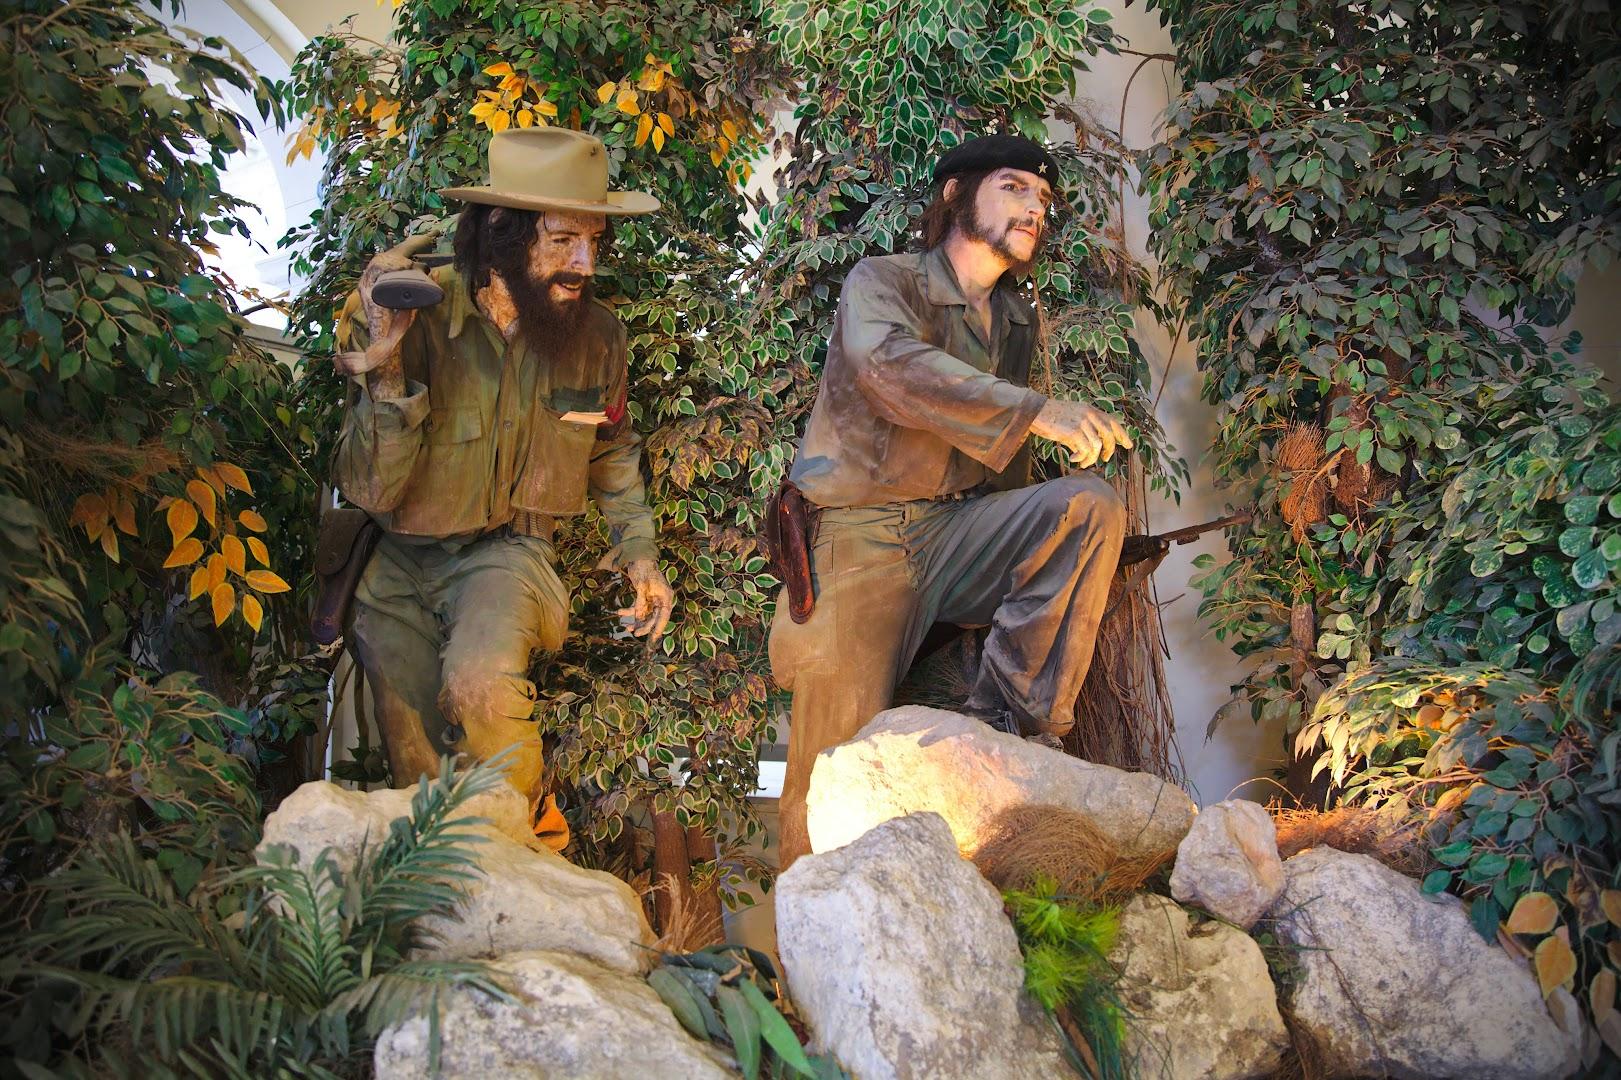 Che with Camilo